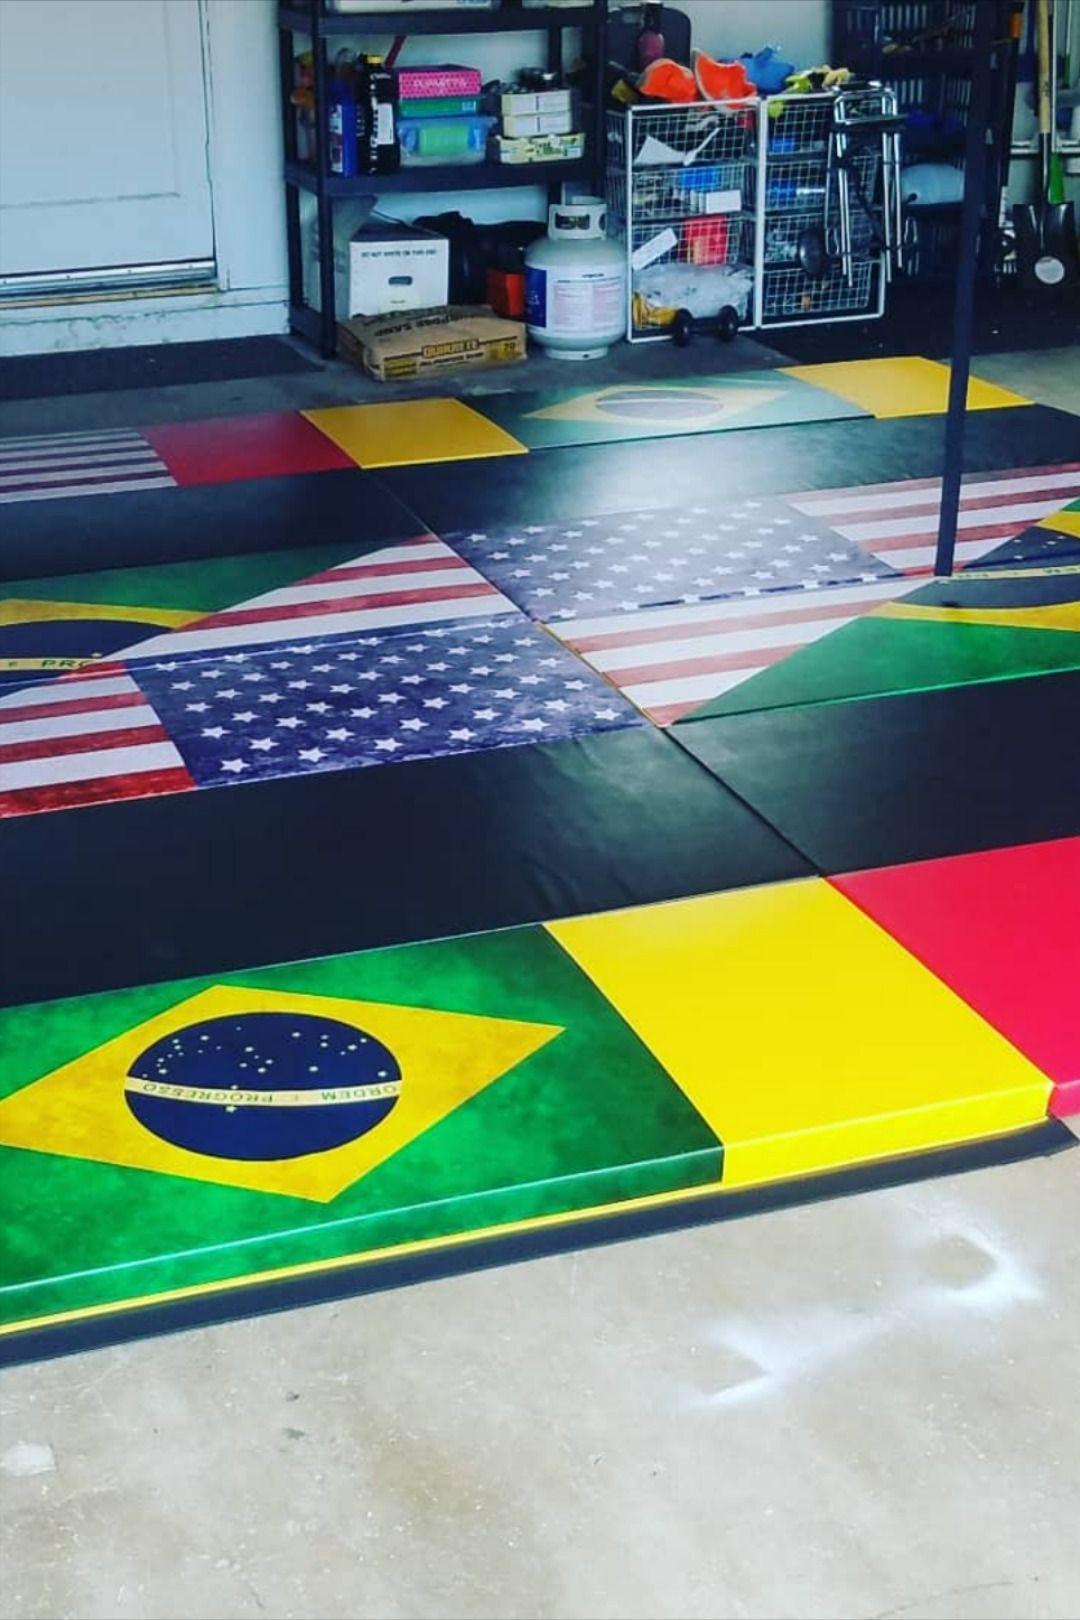 Impact Safe Brazilian Jiu Jitsu Grappling Mat 6 X 12 X 2 Grappling Mats Martial Arts Mats Mma Mat